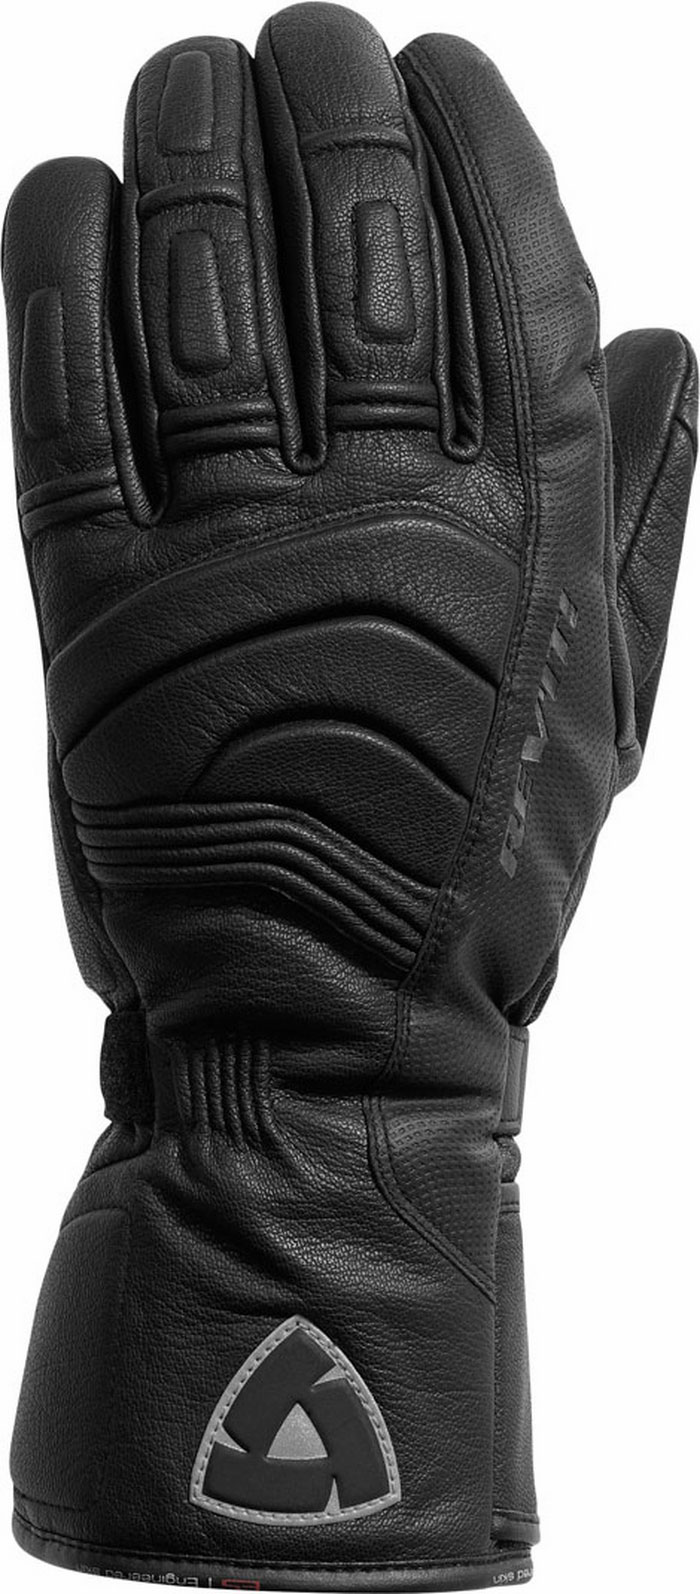 Gloves Rev'it Capri H2O